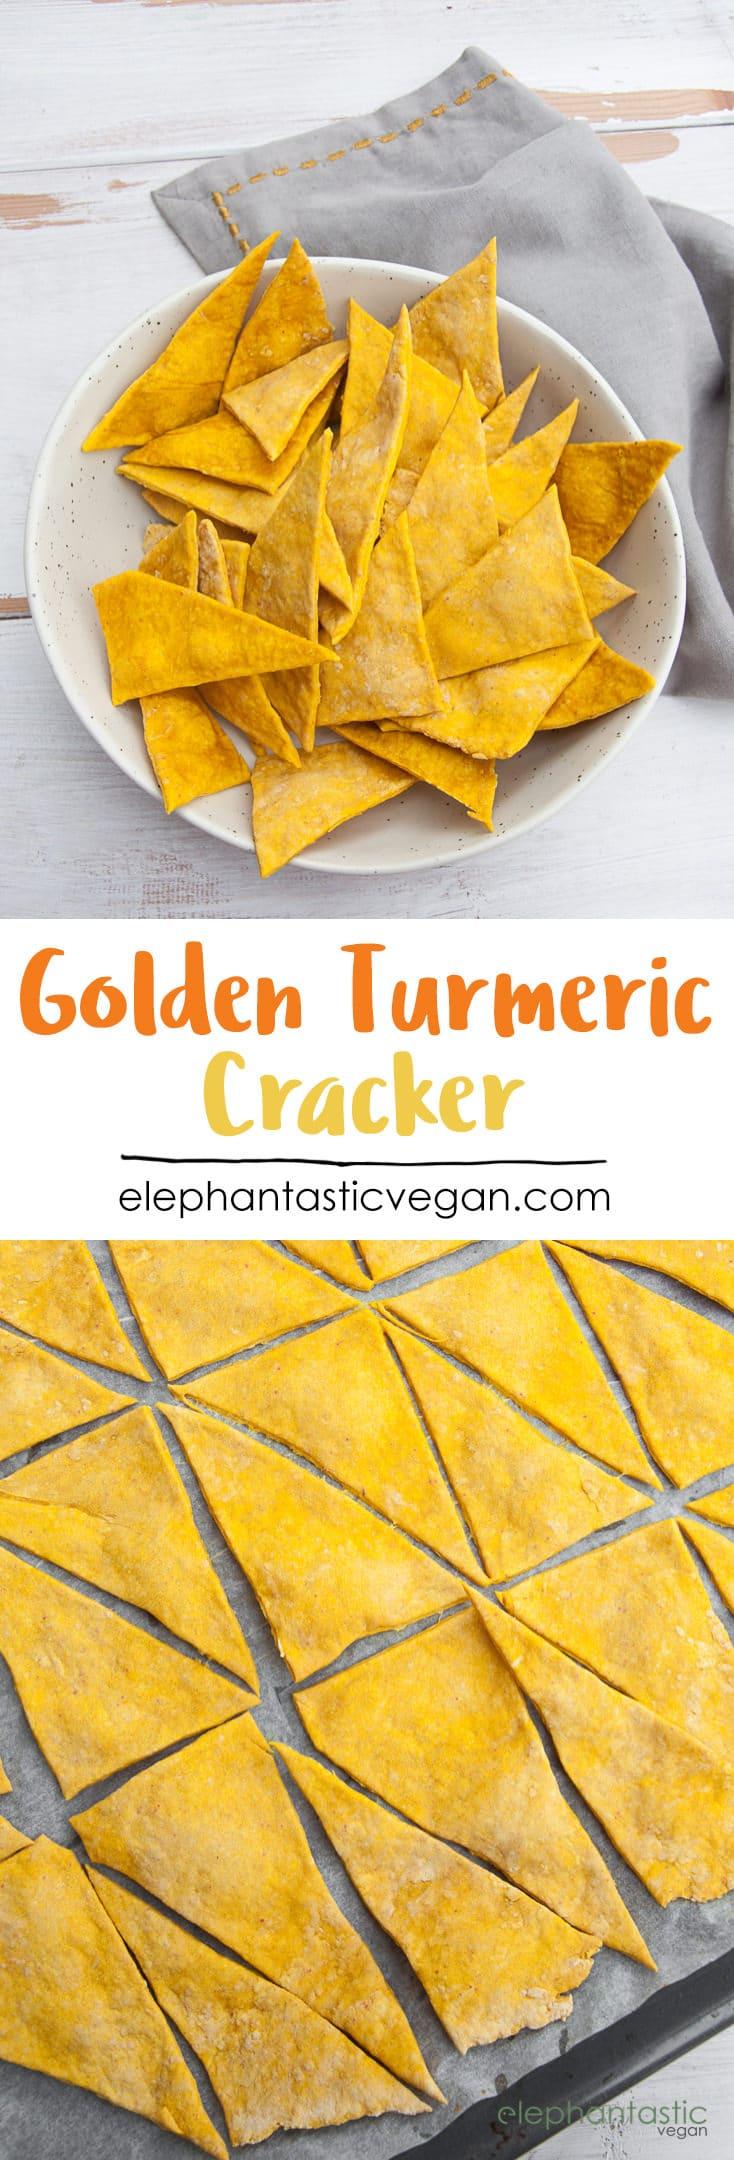 Golden Turmeric Cracker | ElephantasticVegan.com